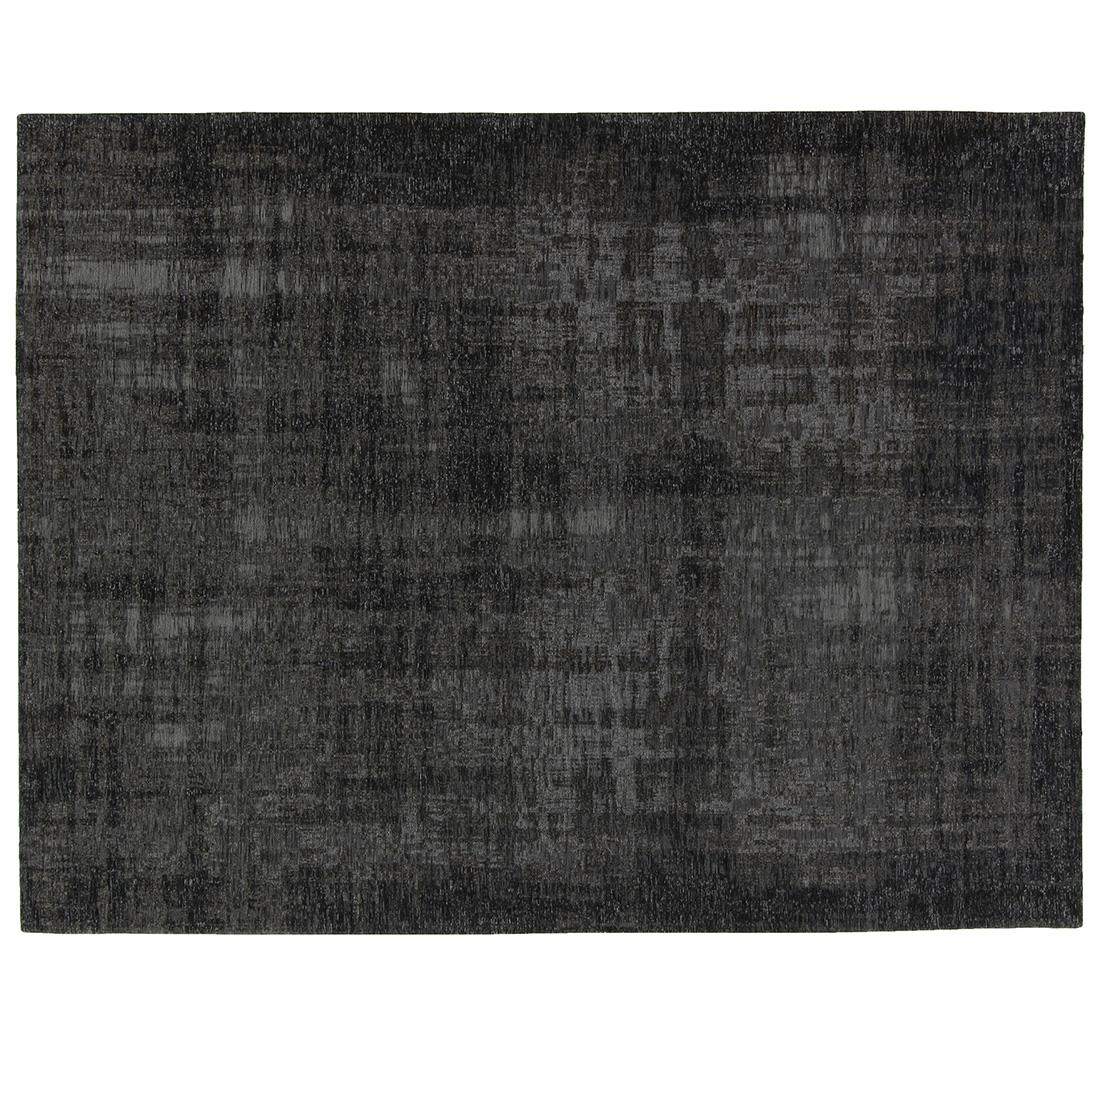 Vloerkleed Brinker Grunge Anthracite | 200 x 300 cm